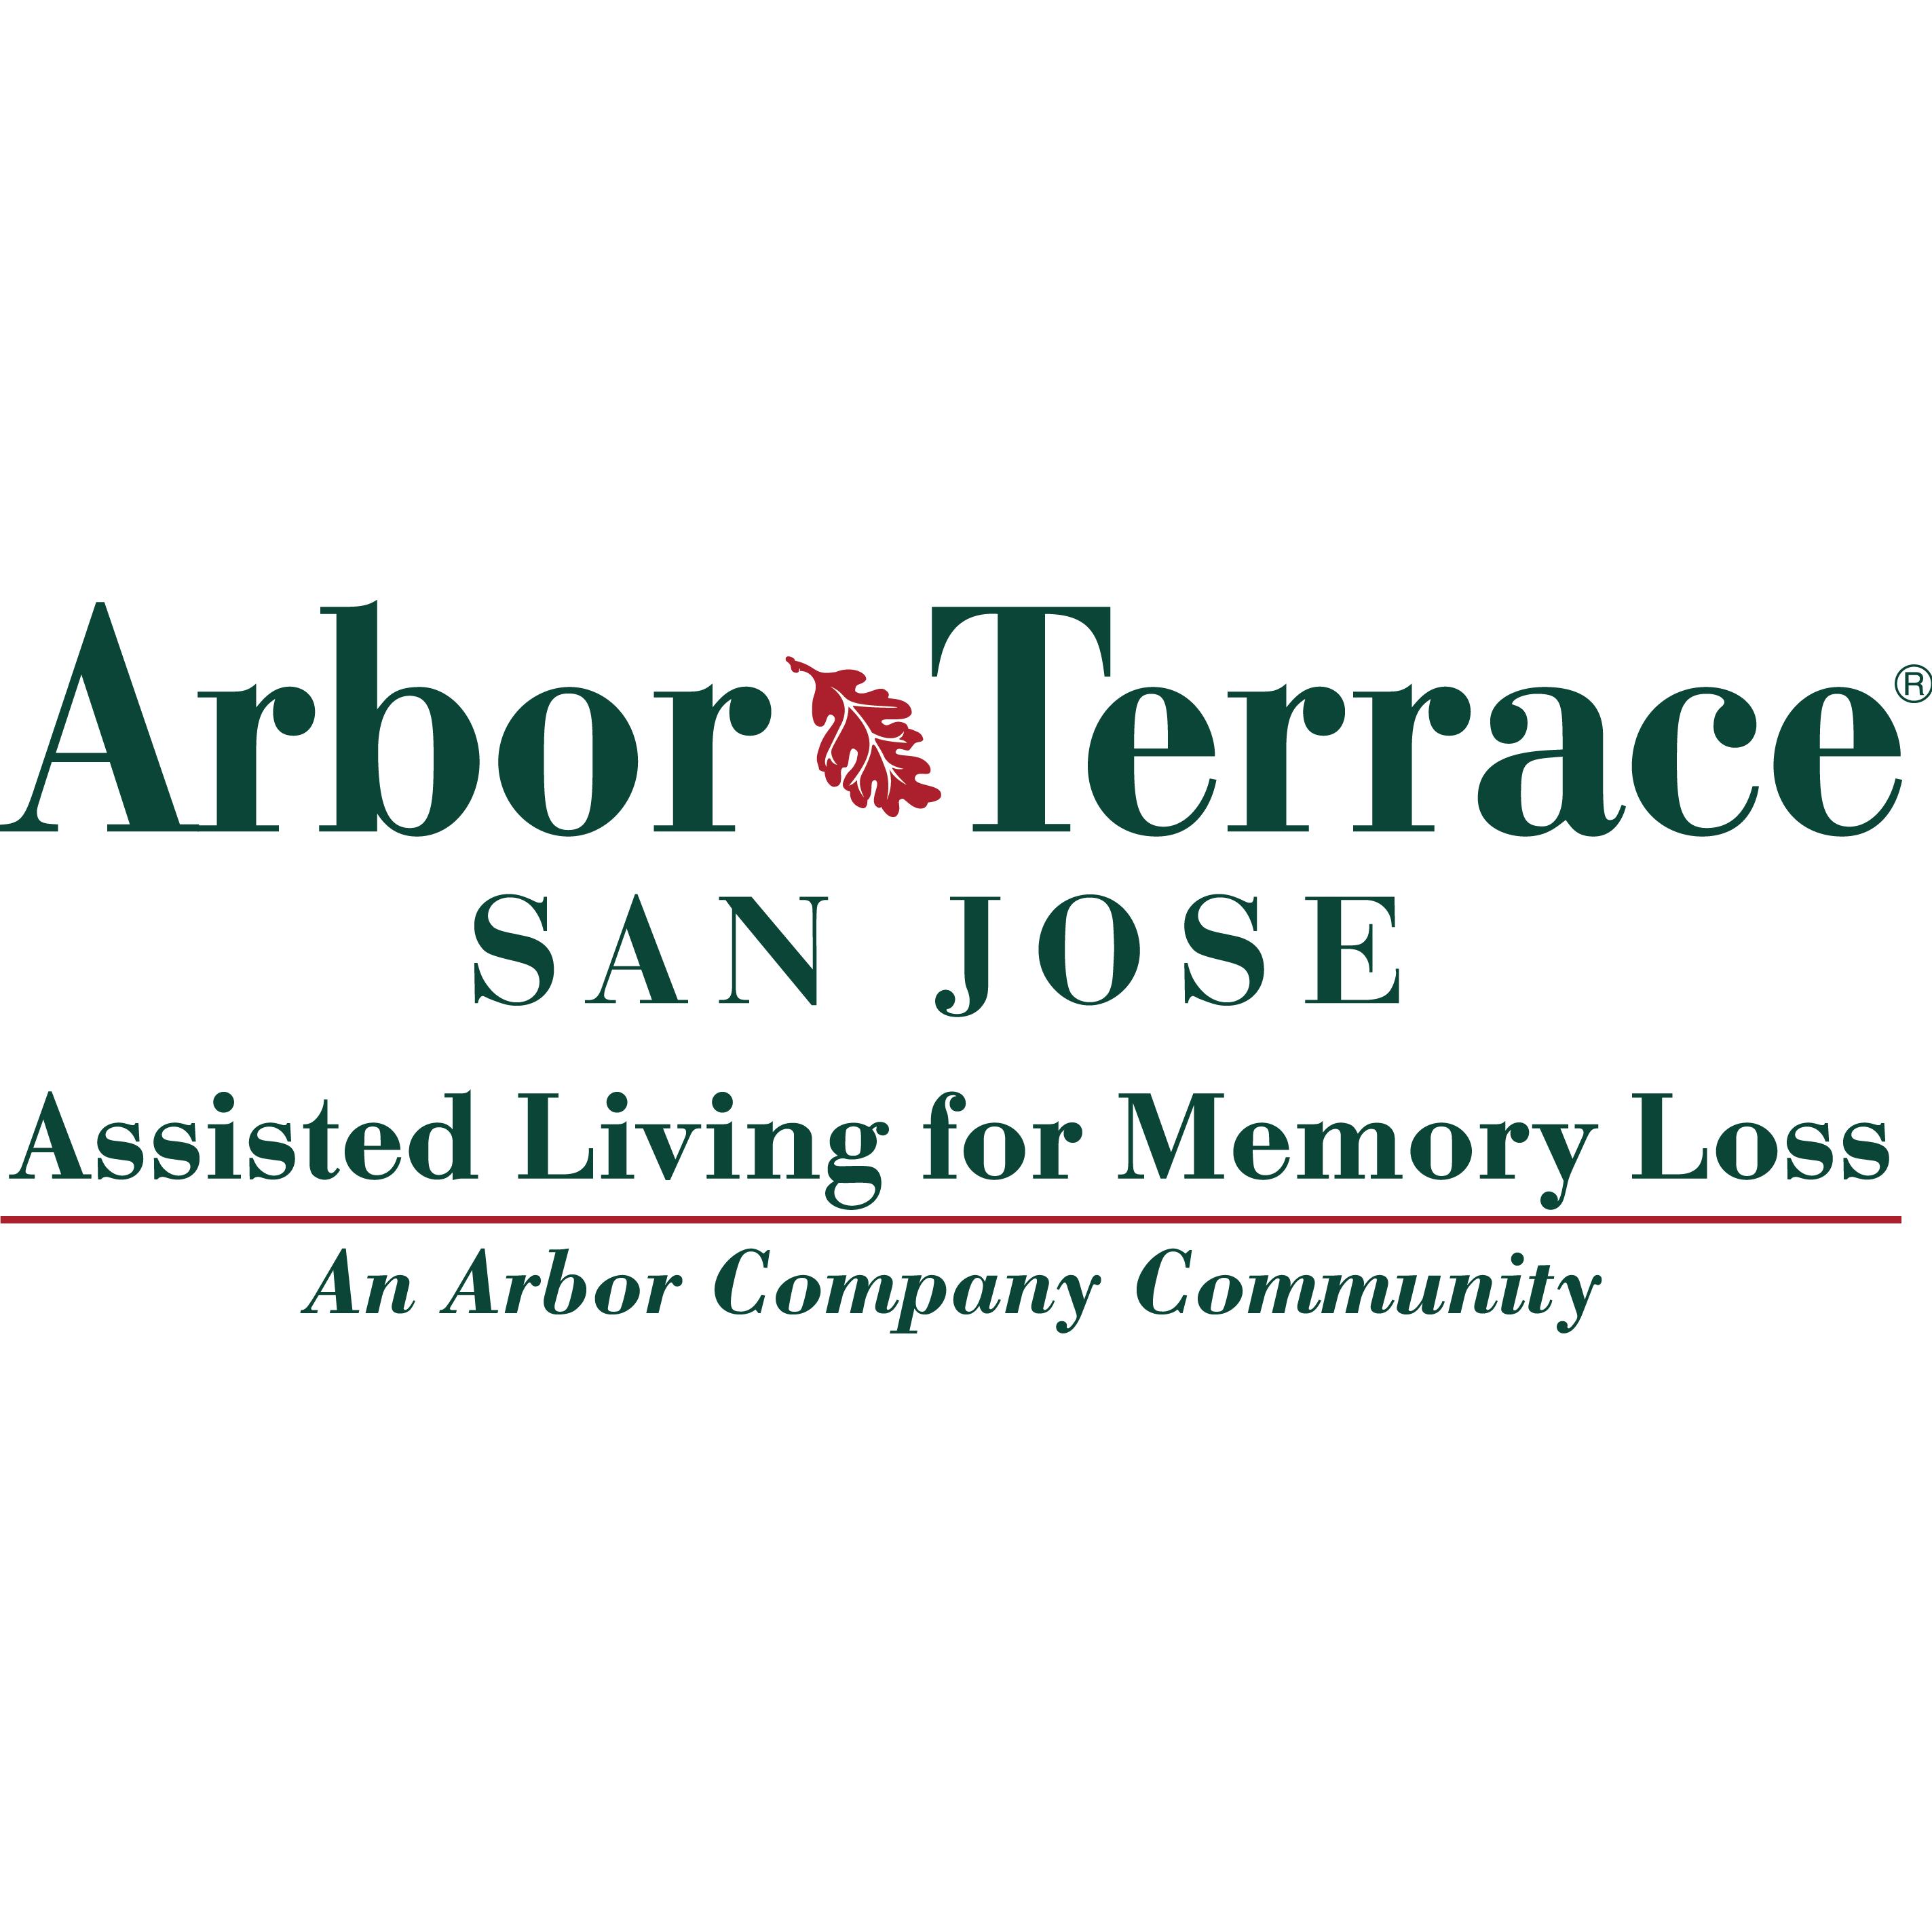 Arbor Terrace San Jose